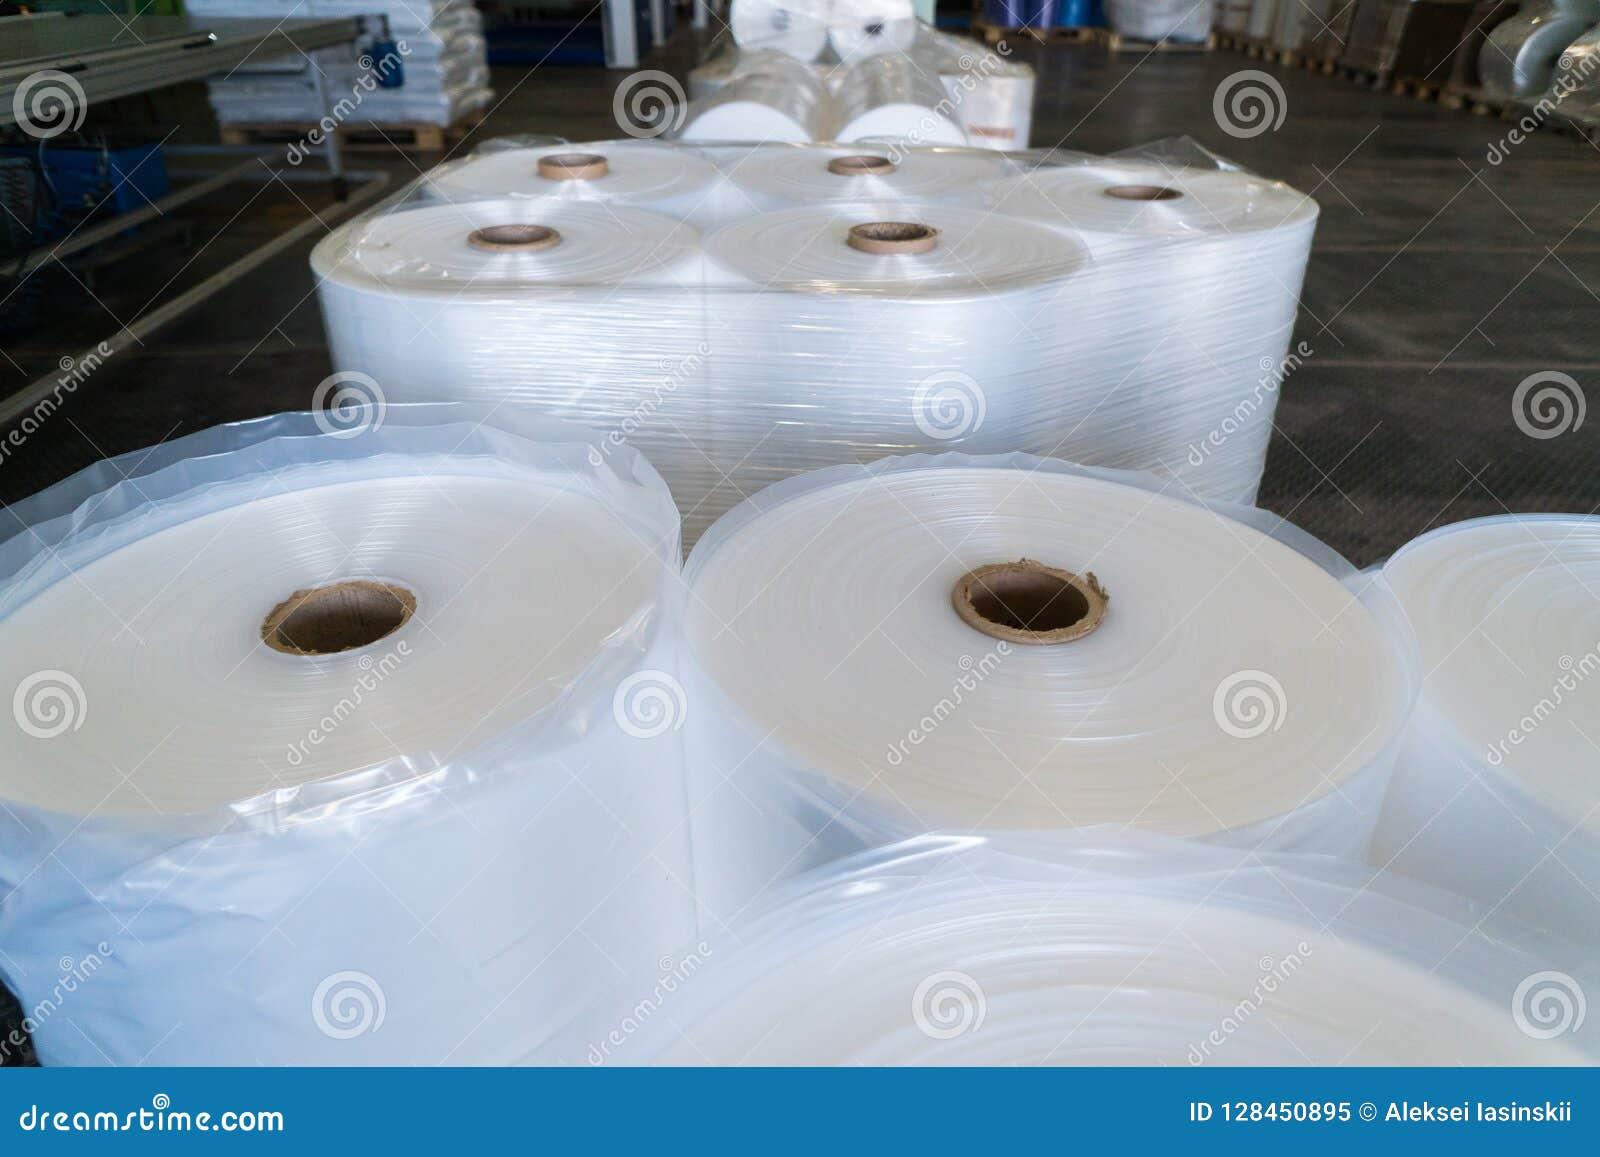 Ρόλοι της ταινίας πολυαιθυλενίου ή πολυπροπυλενίου σε μια αποθήκη εμπορευμάτων